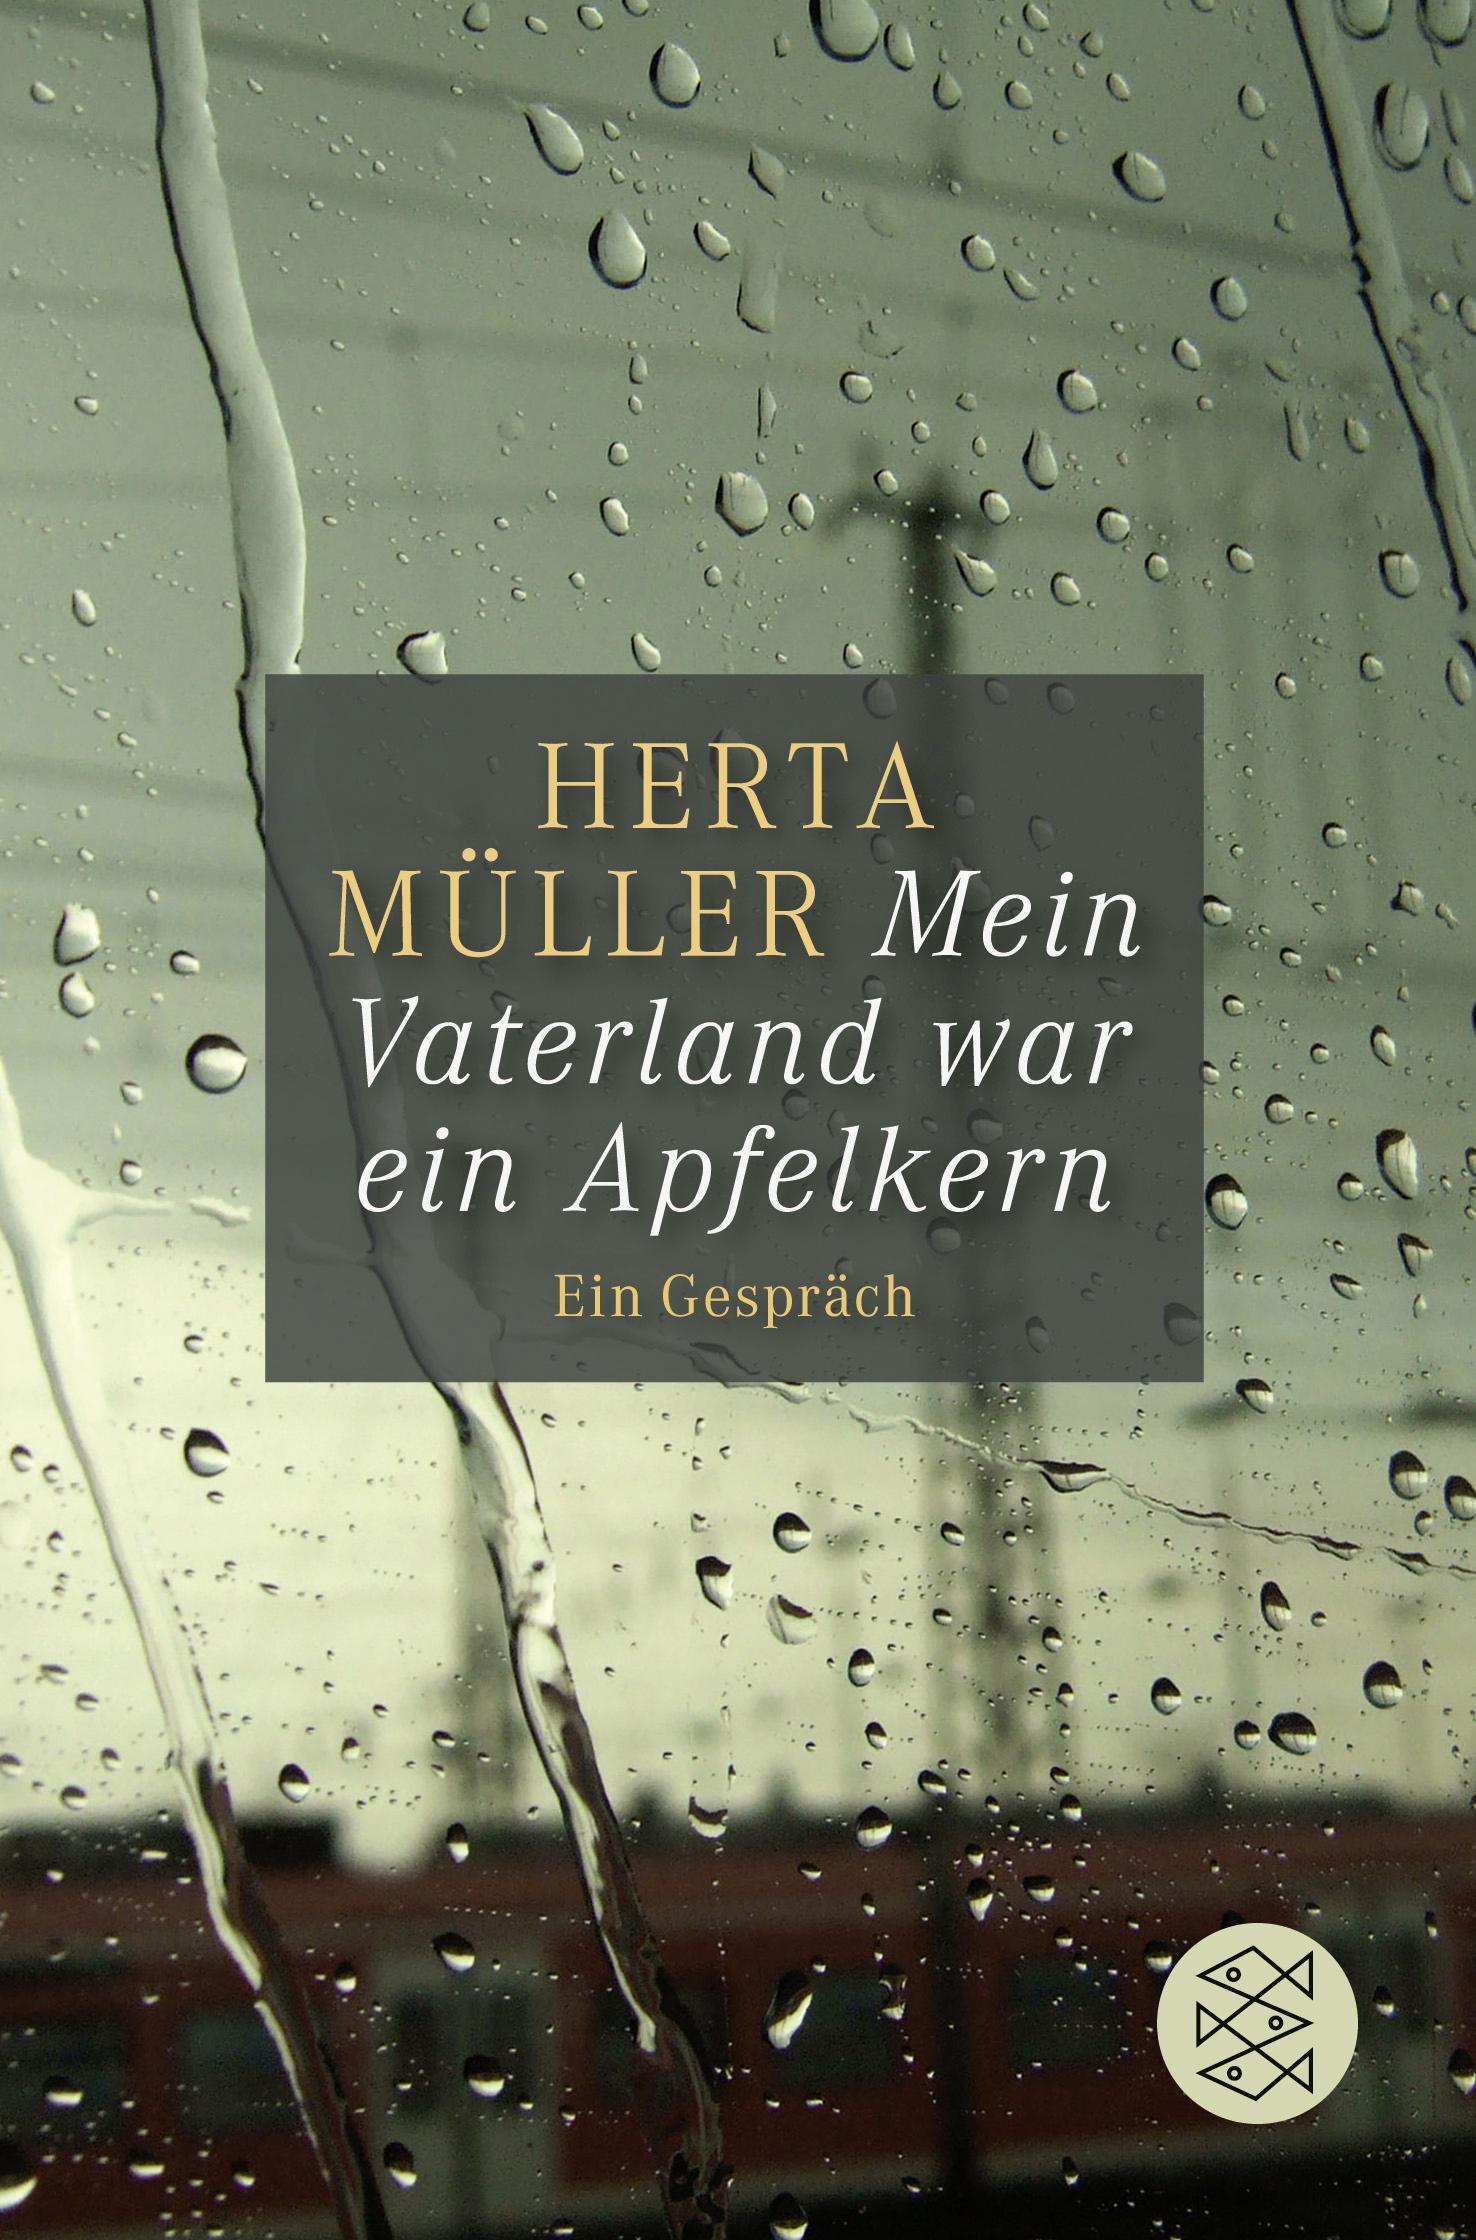 NEU Mein Vaterland war ein Apfelkern Herta Müller 033652